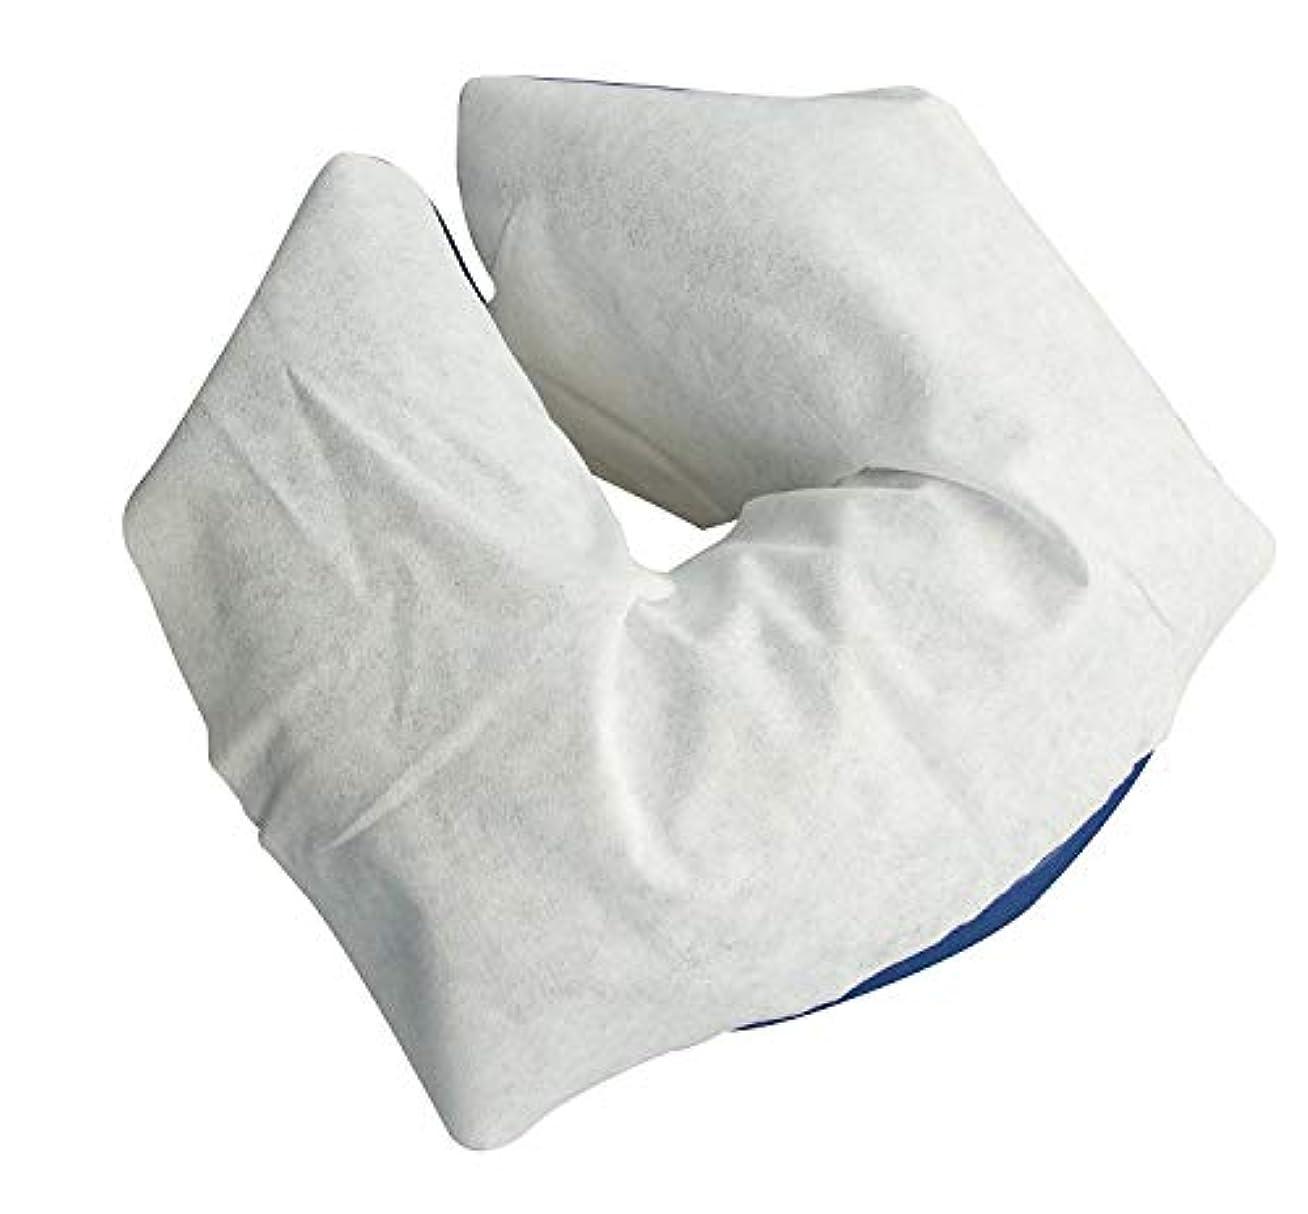 エーカー保存しばしばUmora U字 ピローシート 使い捨てマクラカバー 業務用 美容 サロン 100%綿 柔軟 厚手(100枚)